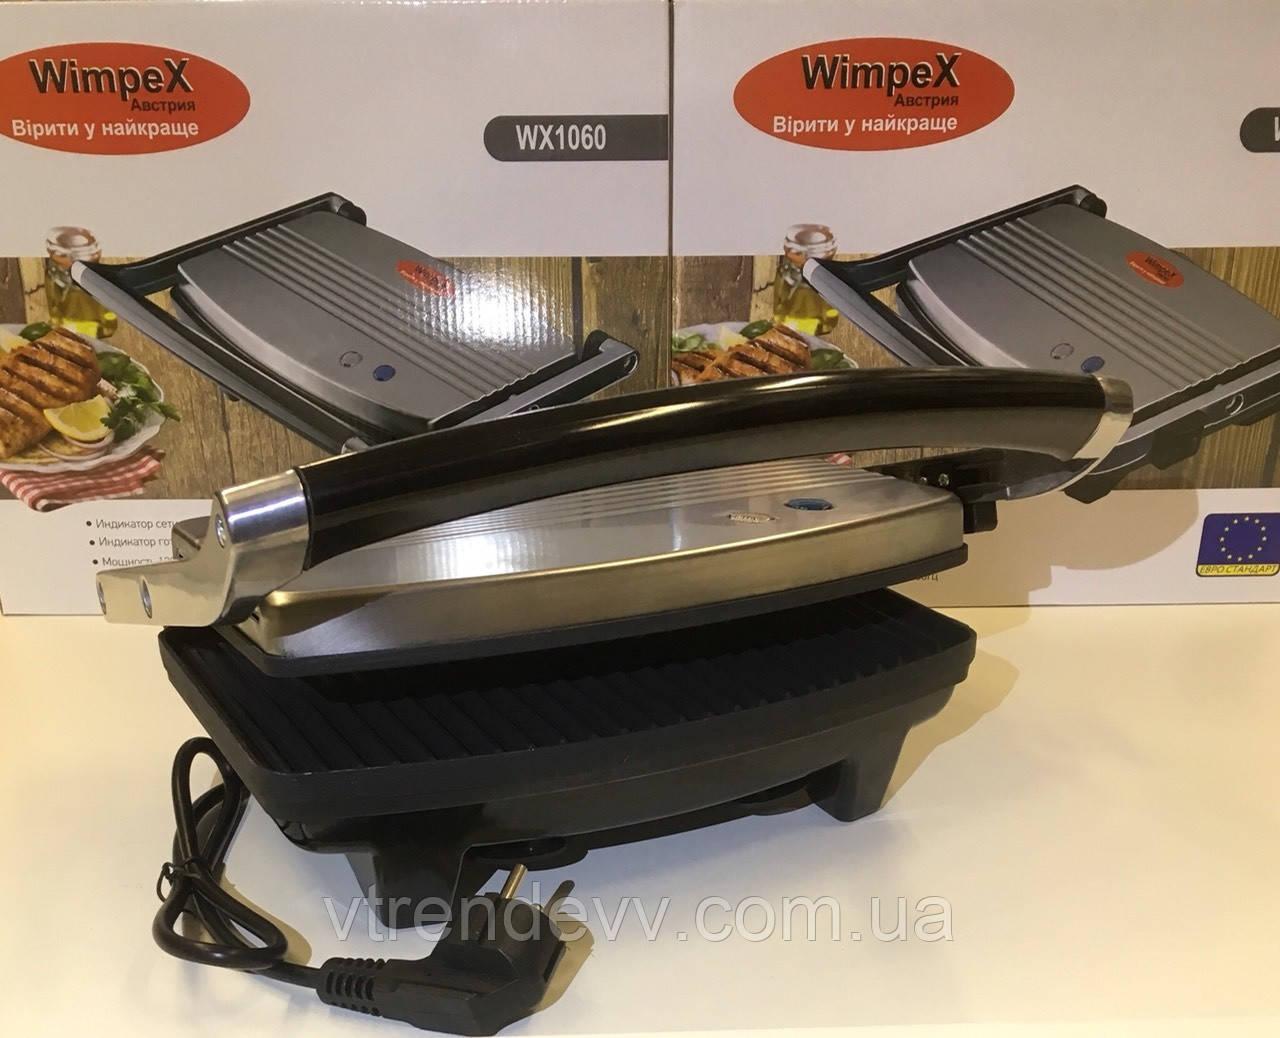 Гриль прижимной Wimpex BBQ WX1060